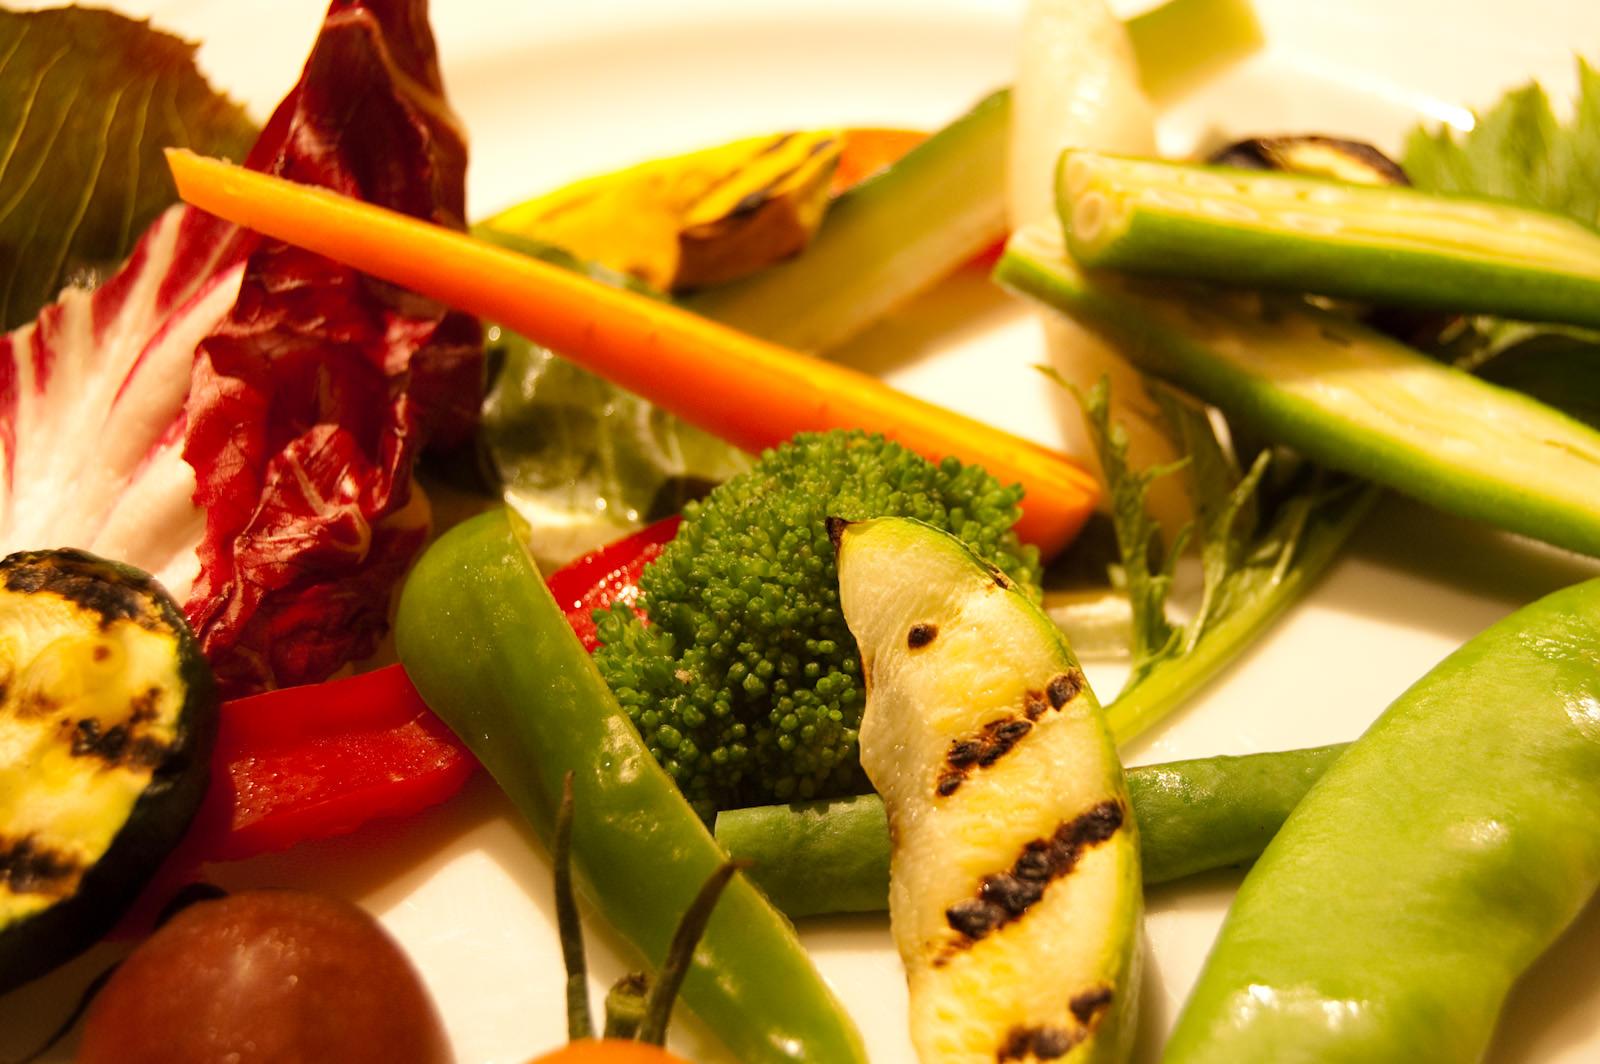 野菜ソムリエの資格と試験内容|資格取得にかかる費用と難易度は?のサムネイル画像